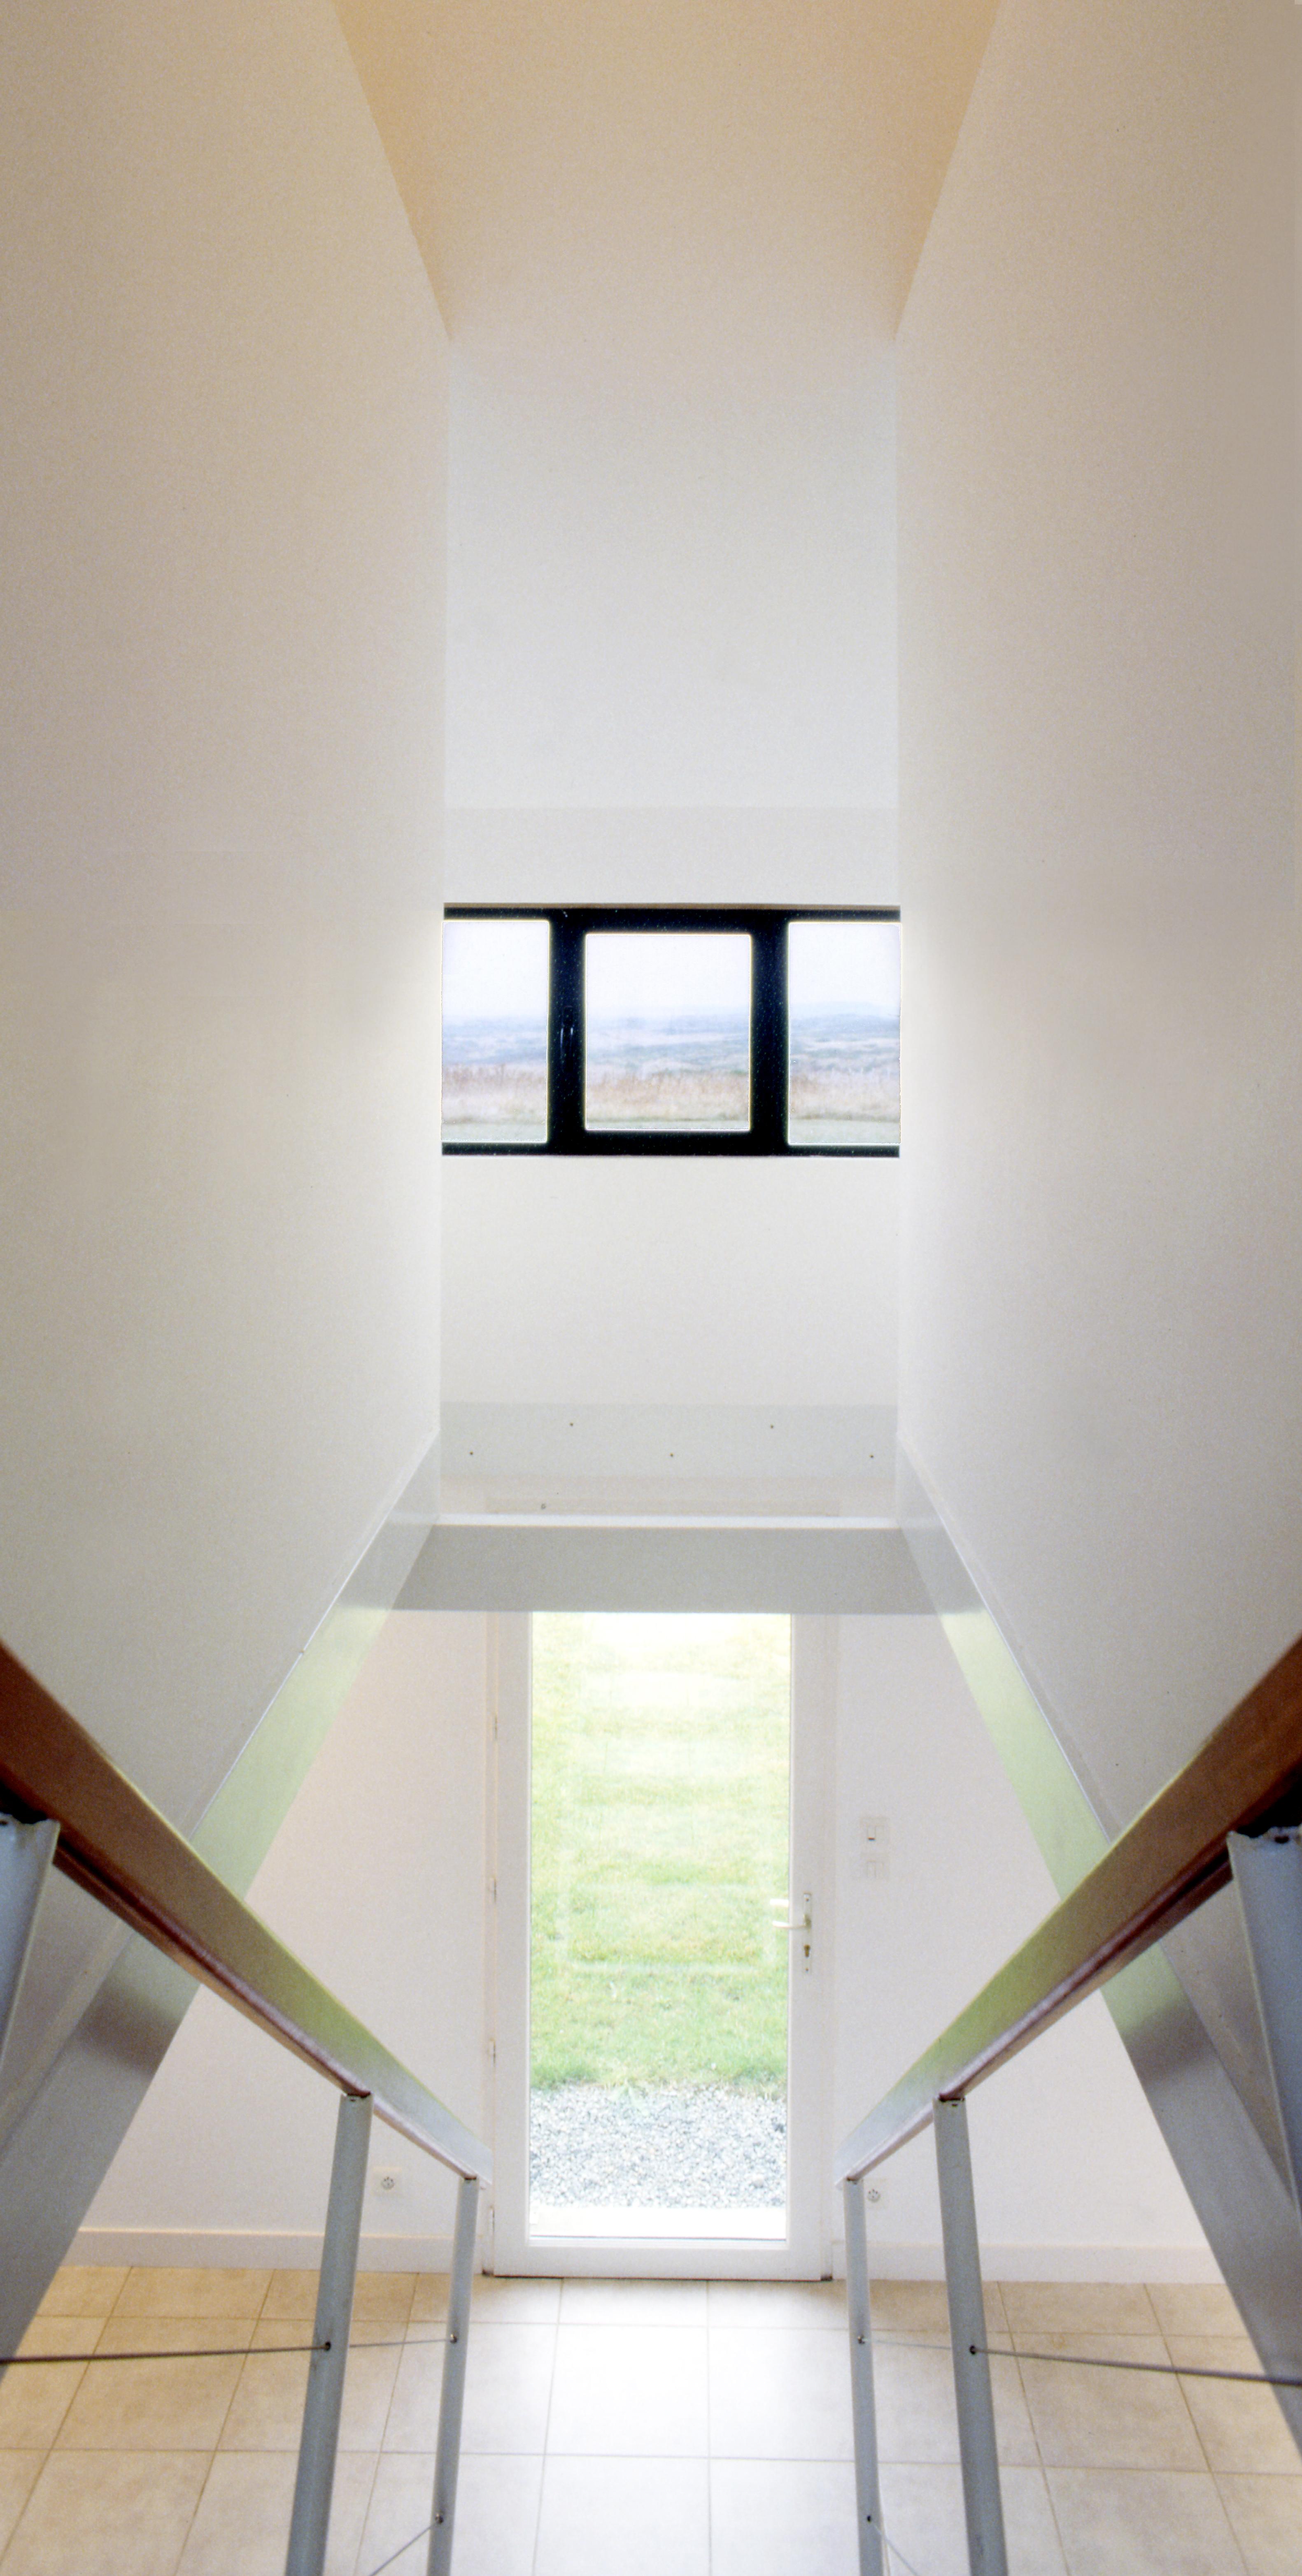 escalier pano.jpg